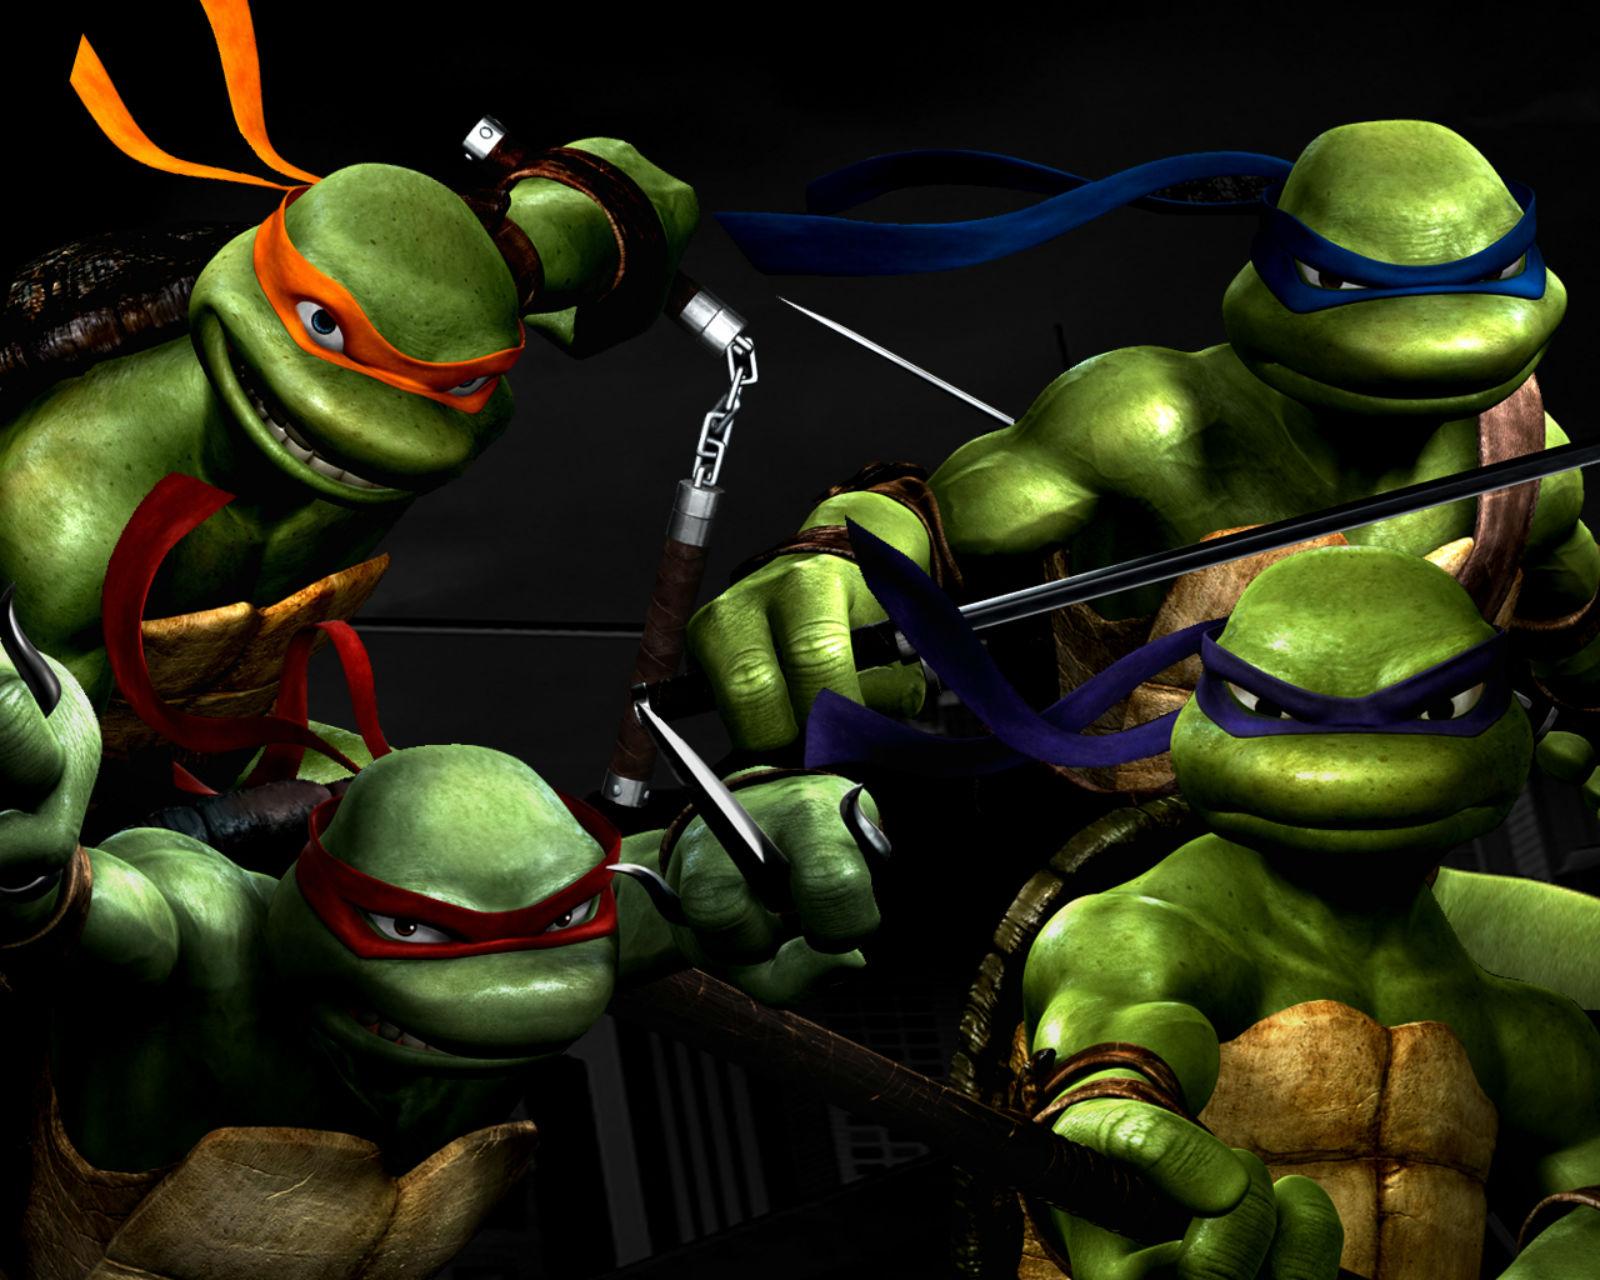 Teenage Mutant Ninja Turtles HD Wallpapers Download Wallpapers in 1600x1280